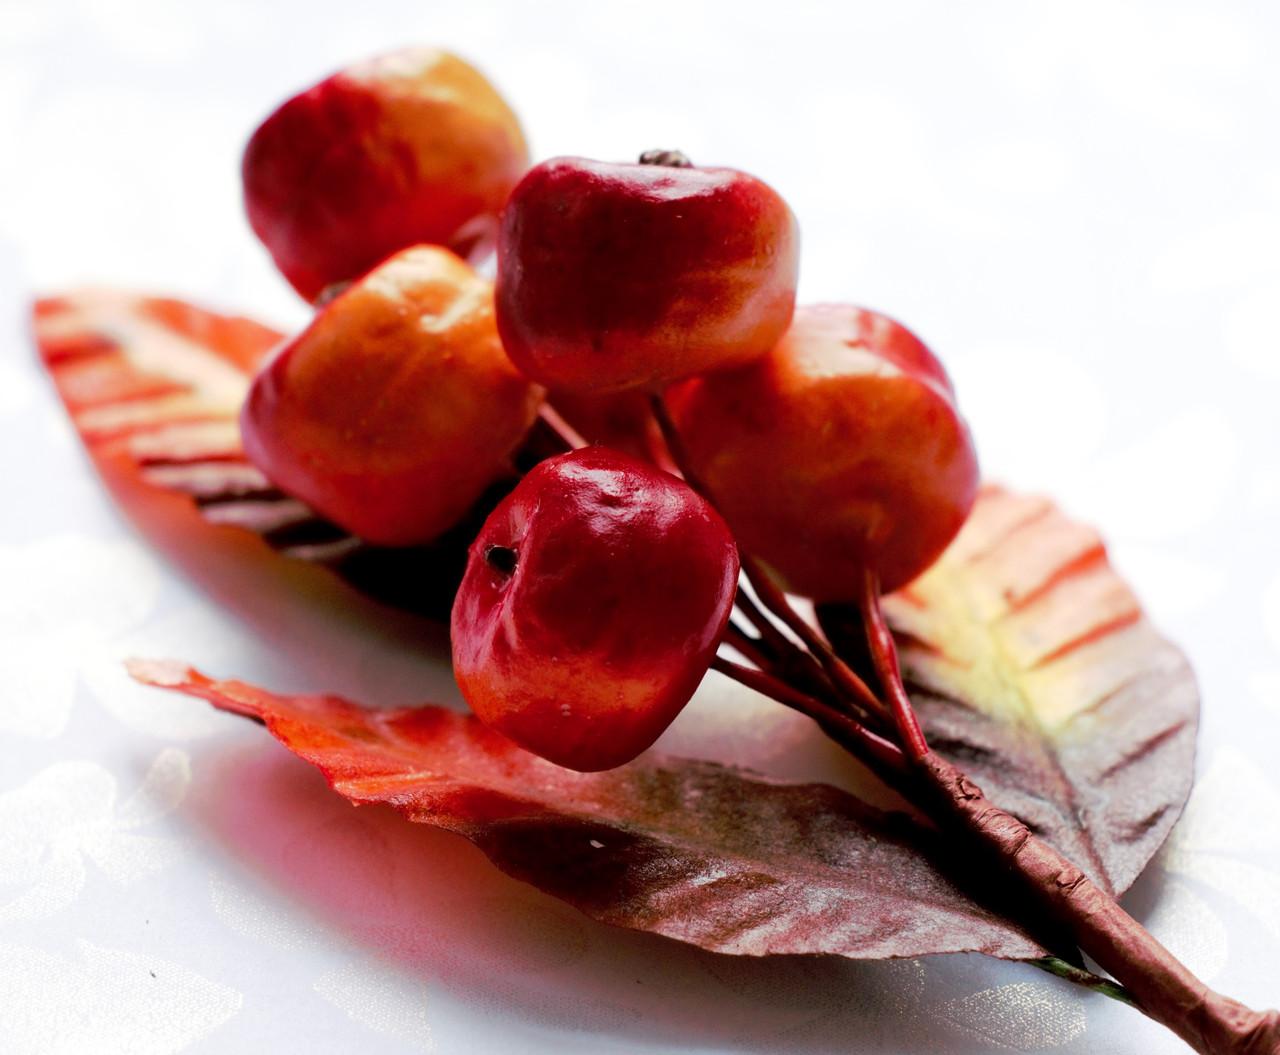 Бутоньерка Мини-яблоки на проволоке с листиками, декоративные ягоды, фото 1